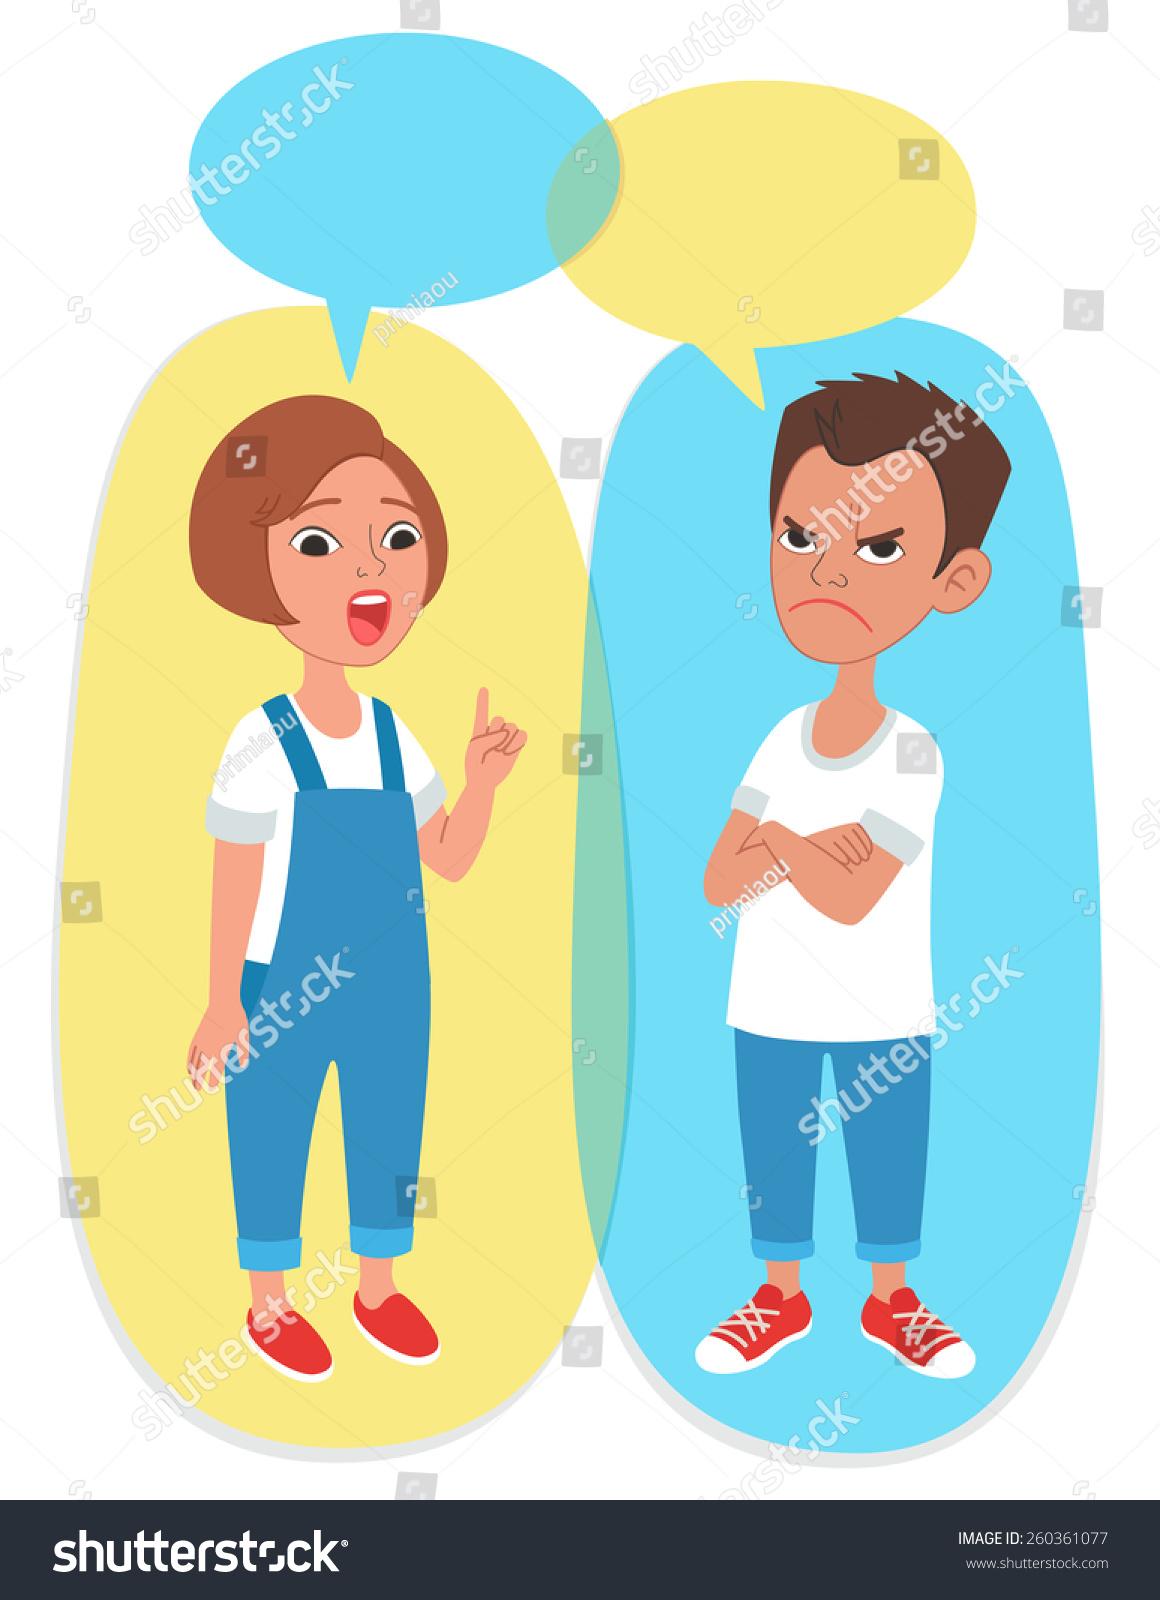 卡通风格的儿童肖像与语音气泡与文本的空白